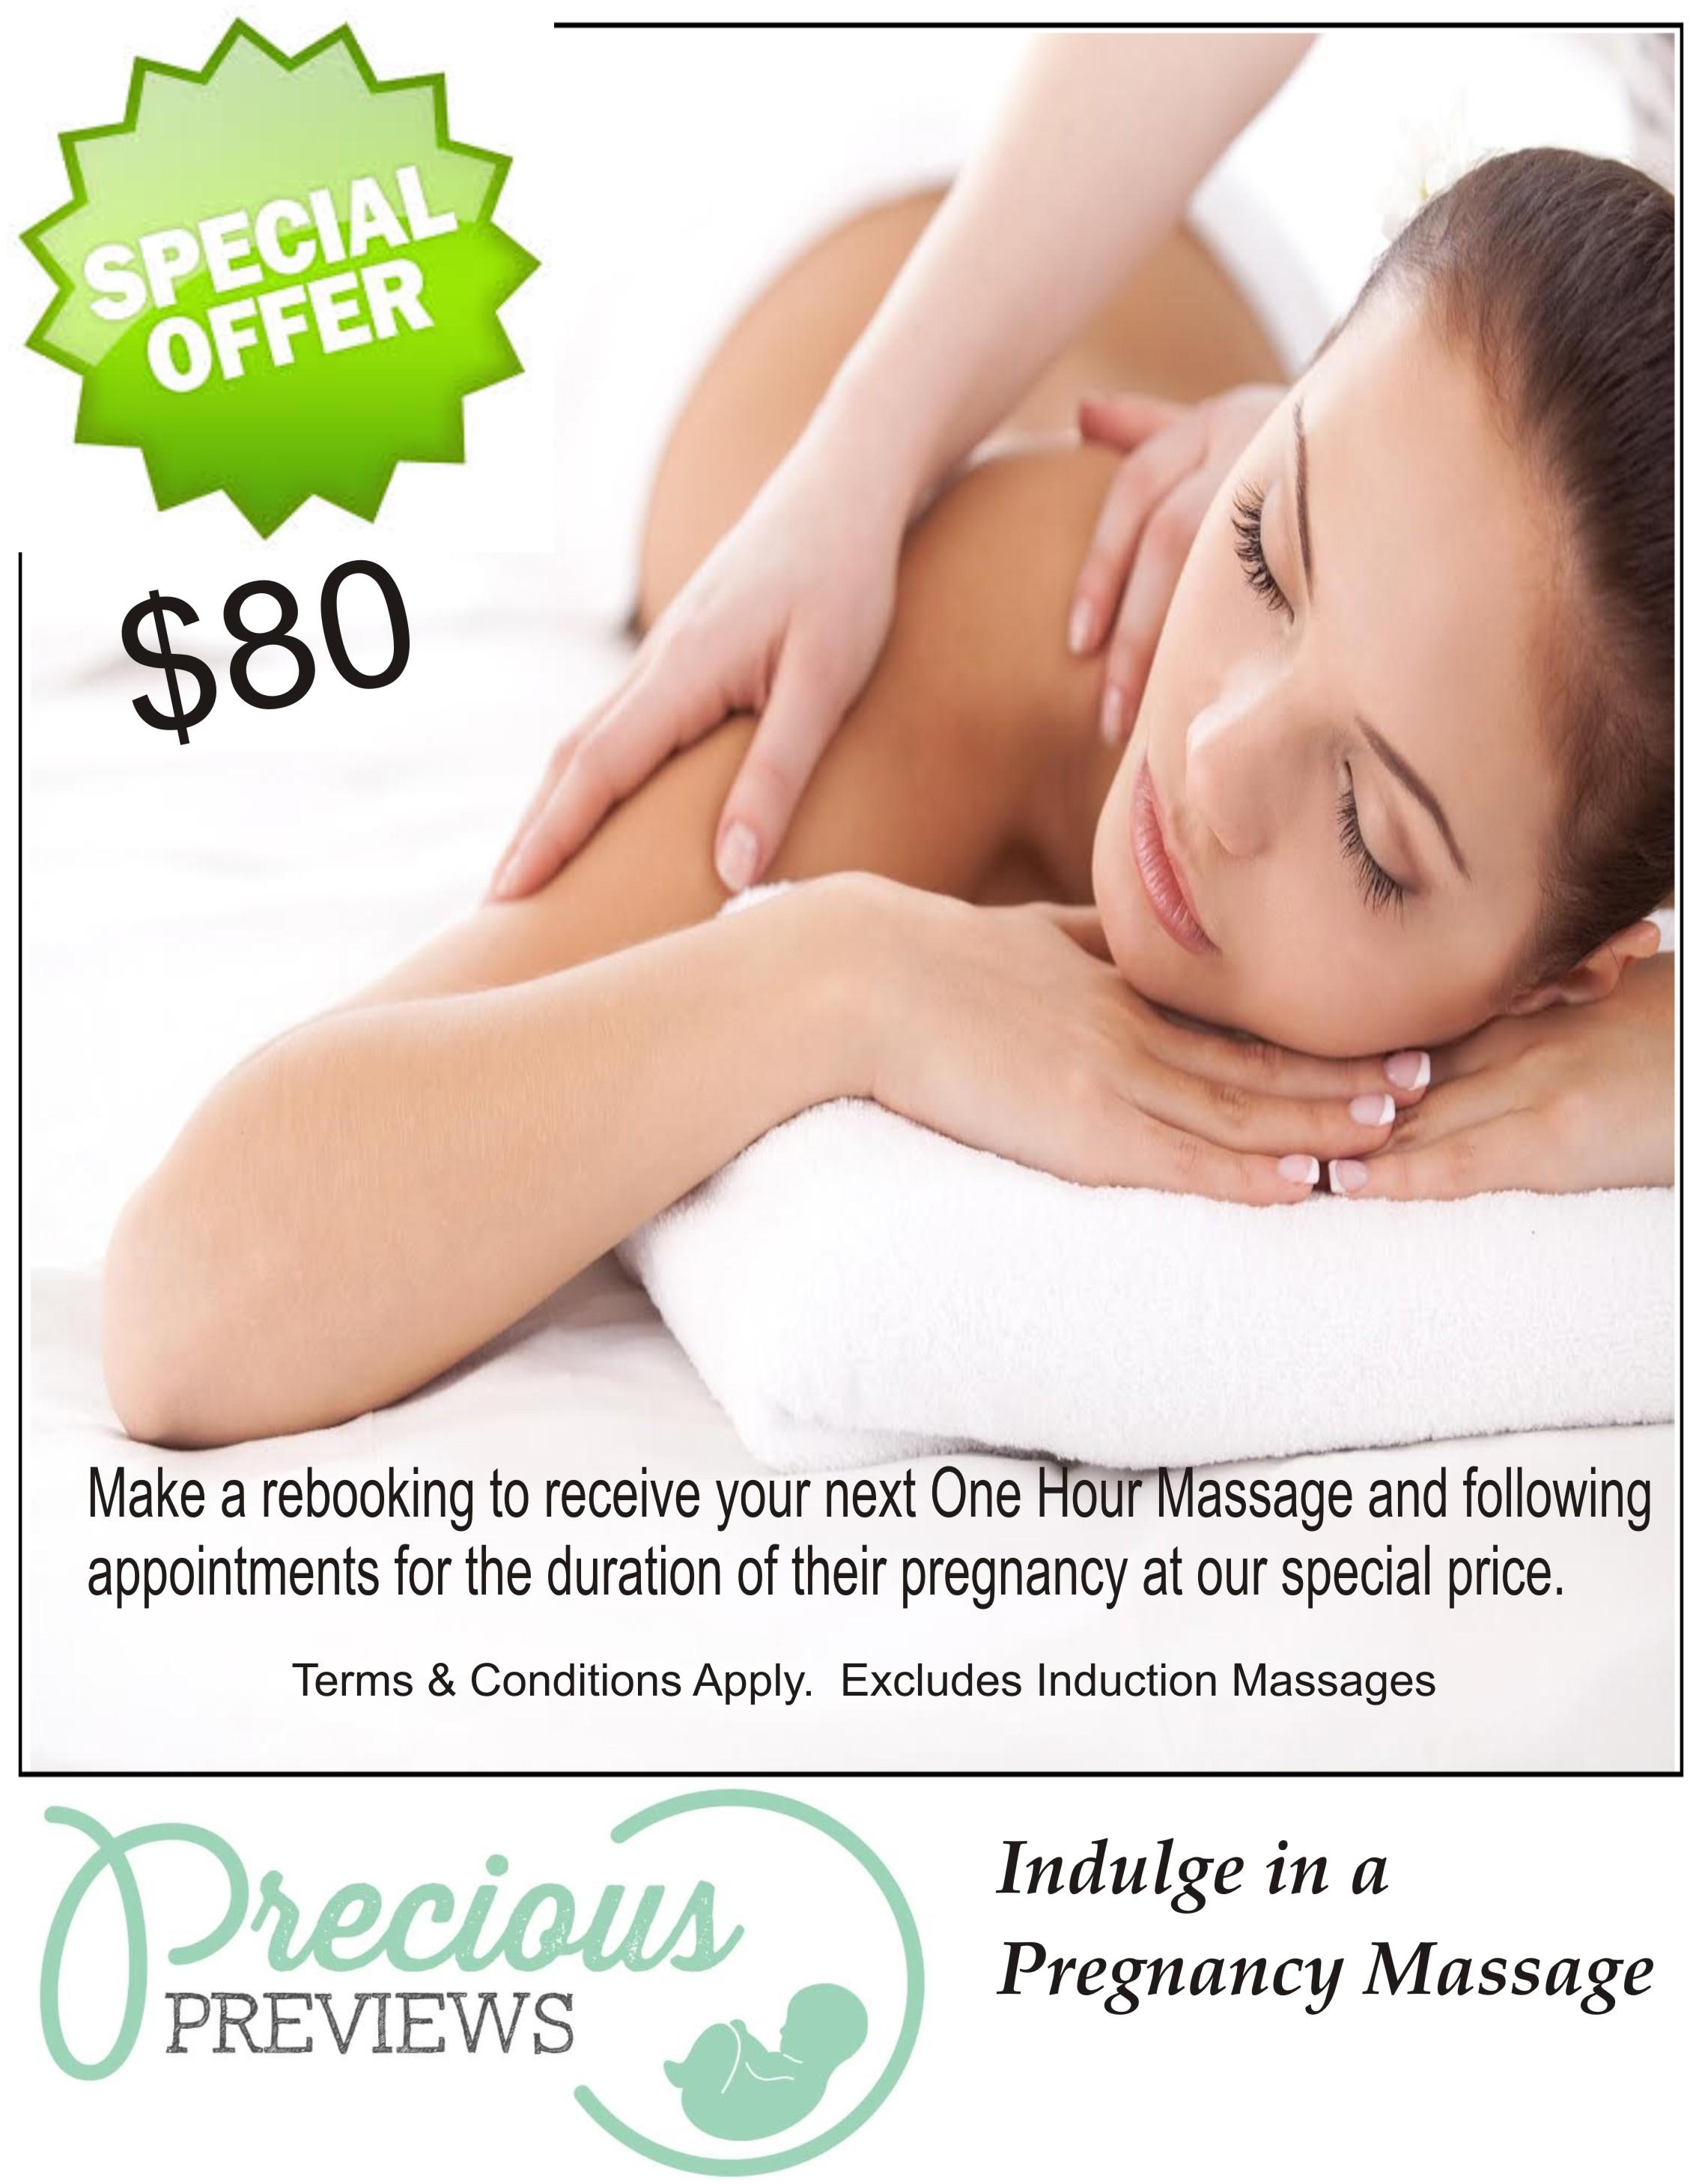 http://preciouspreviews.com.au/wp-content/uploads/2016/08/massage-special.jpg